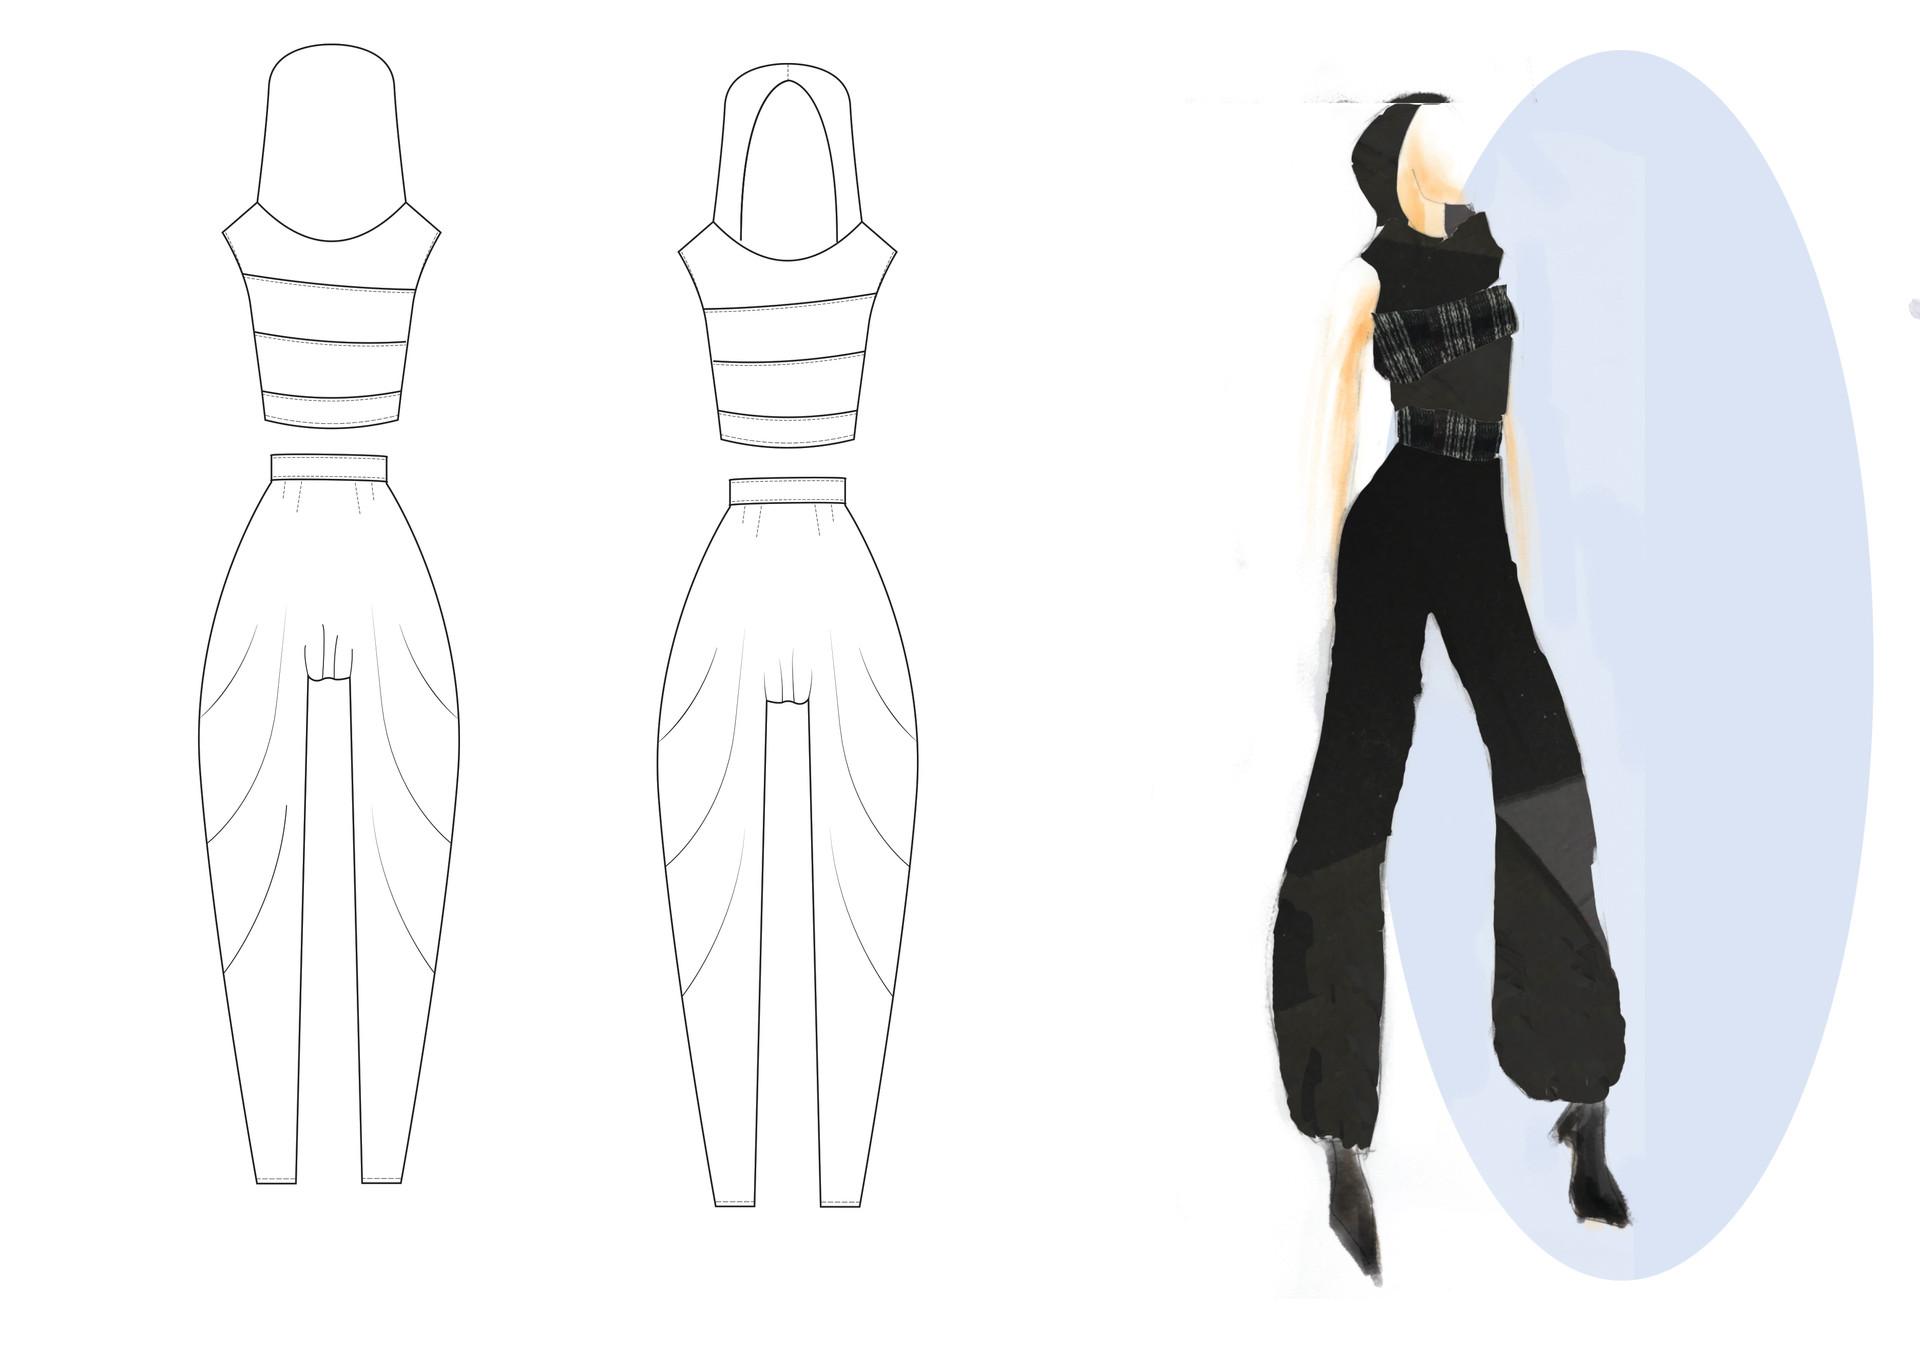 cut sew presentation portfolio 13.jpg